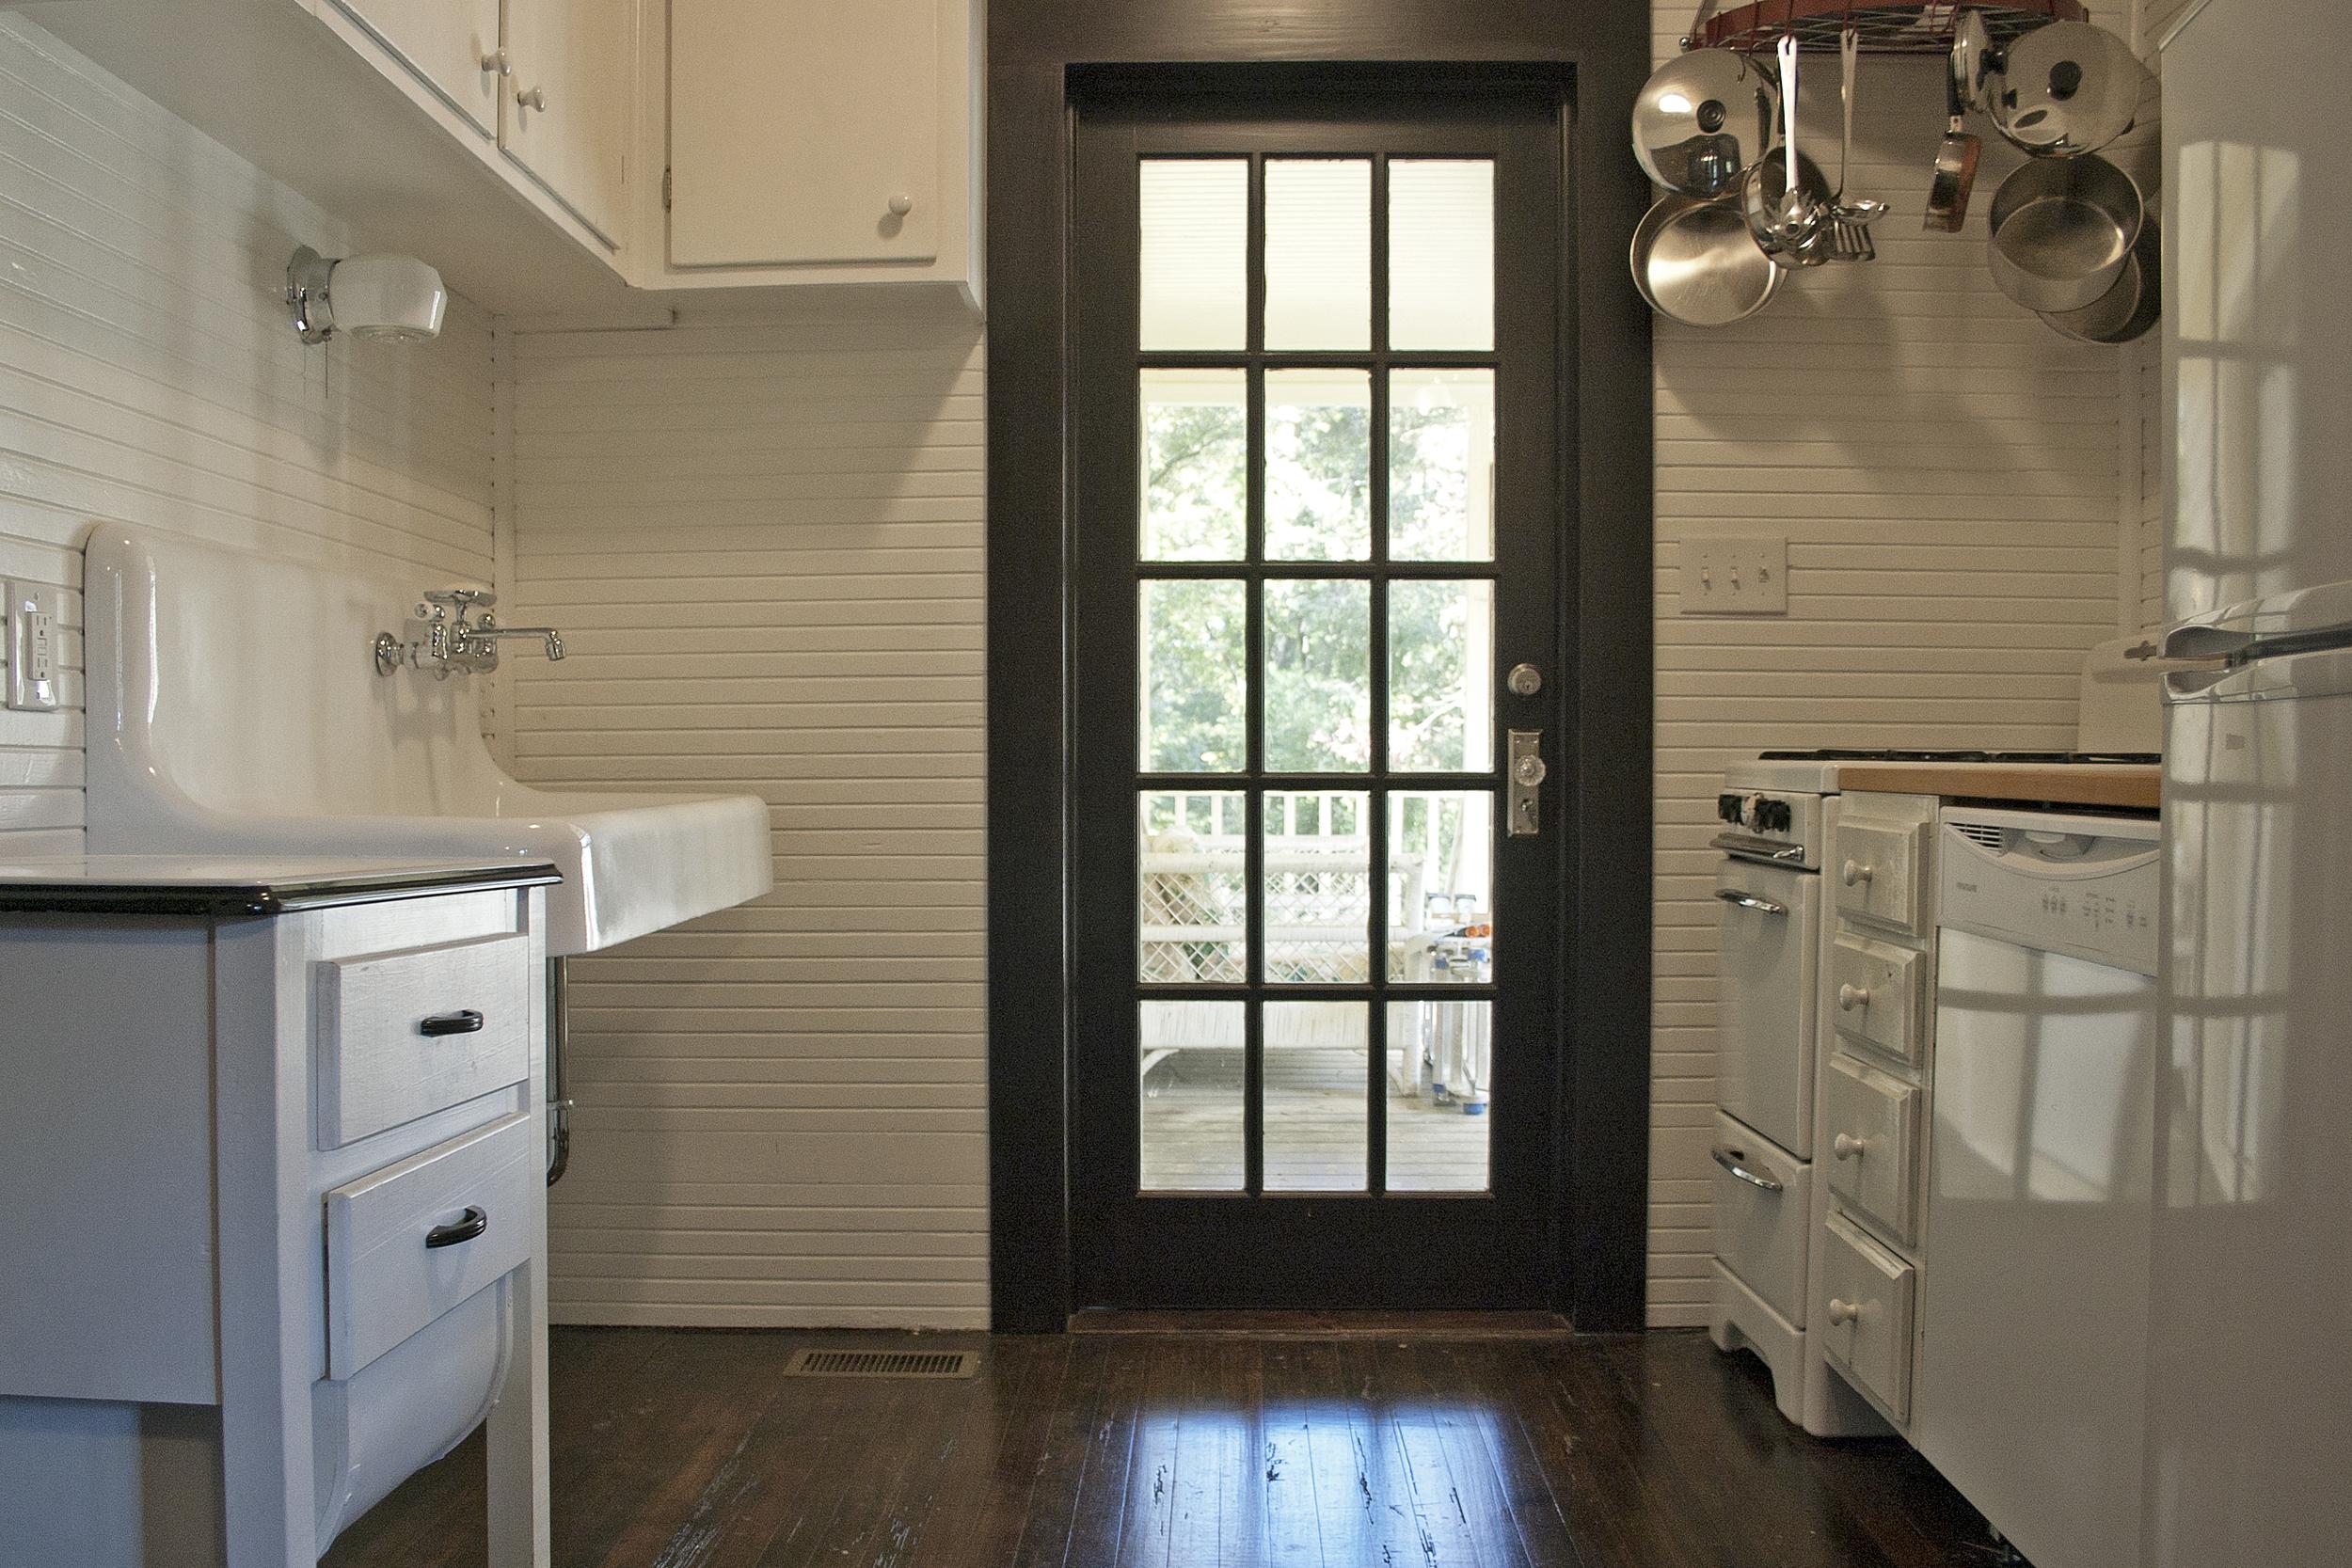 kitchen overview.jpg